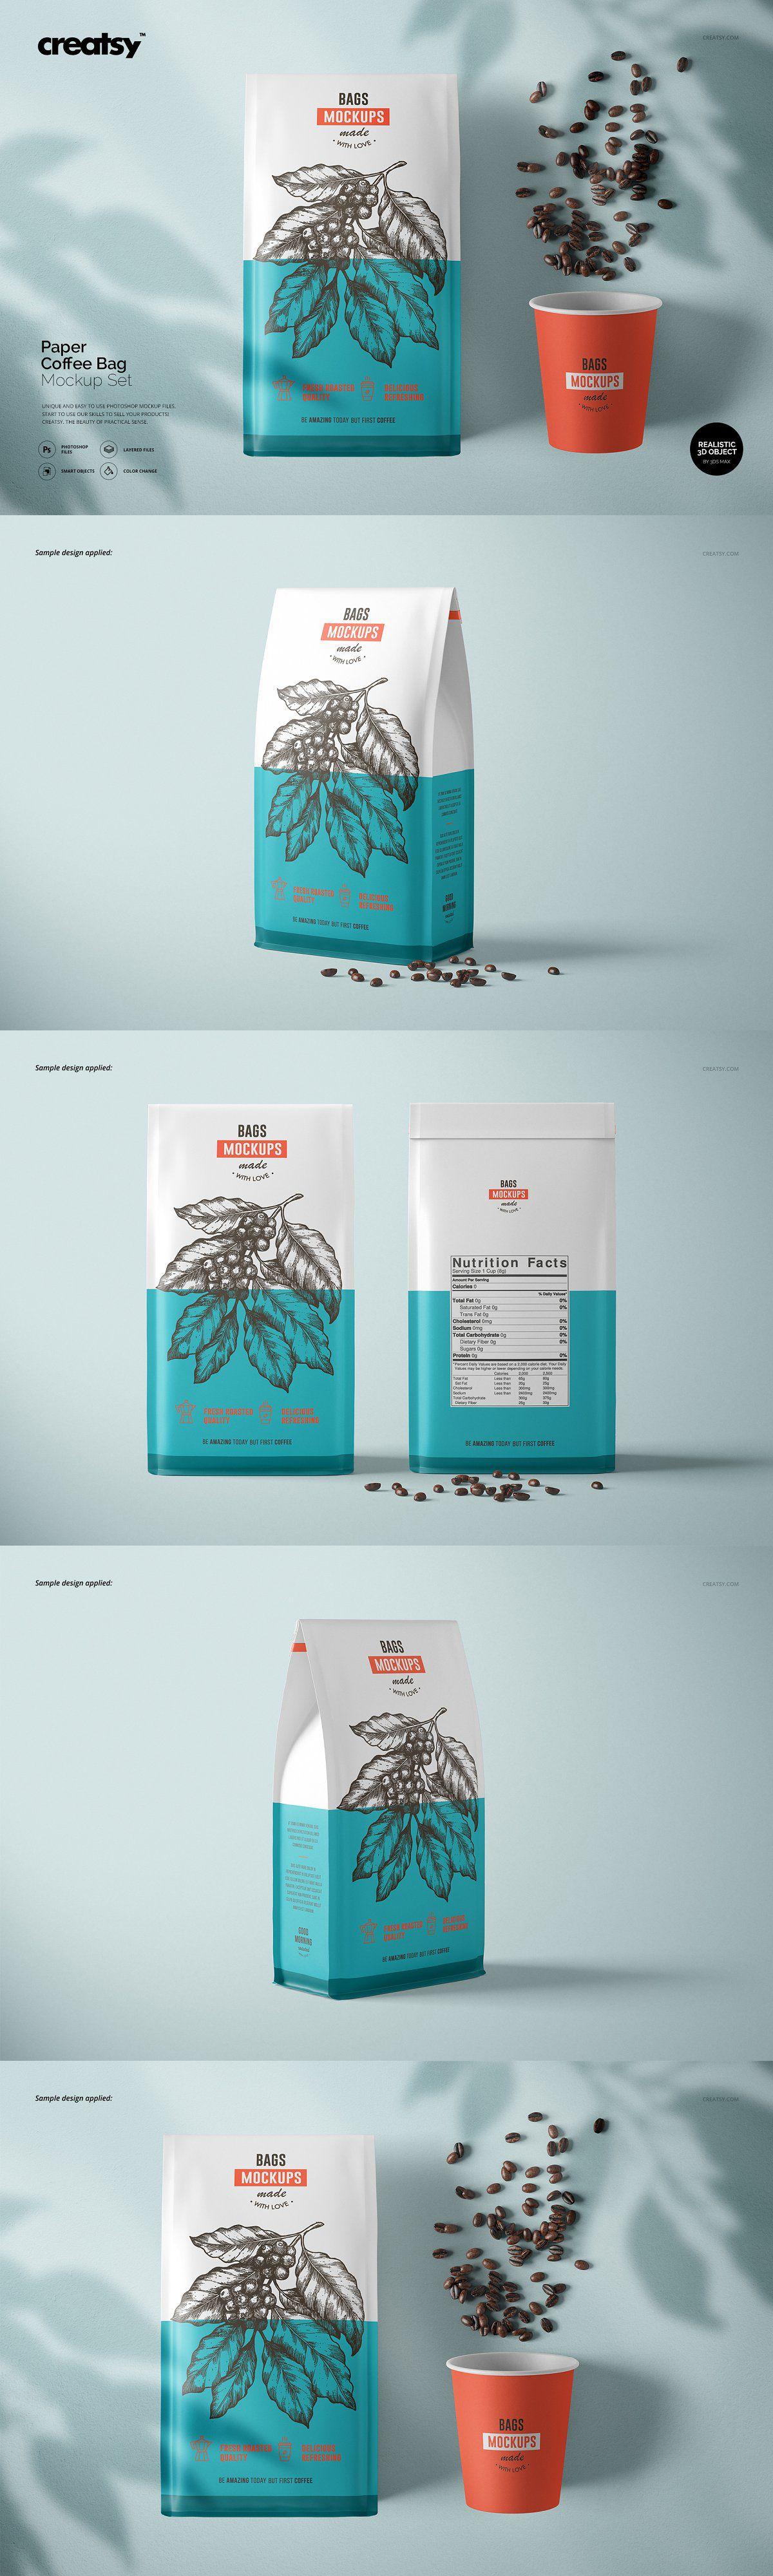 Download 8 Paper Coffee Bag Mockup Set Mockup Psd Mockups Stationery Mockups Design Product Mockups Mockup Design Testimonials Design Branding Mockups